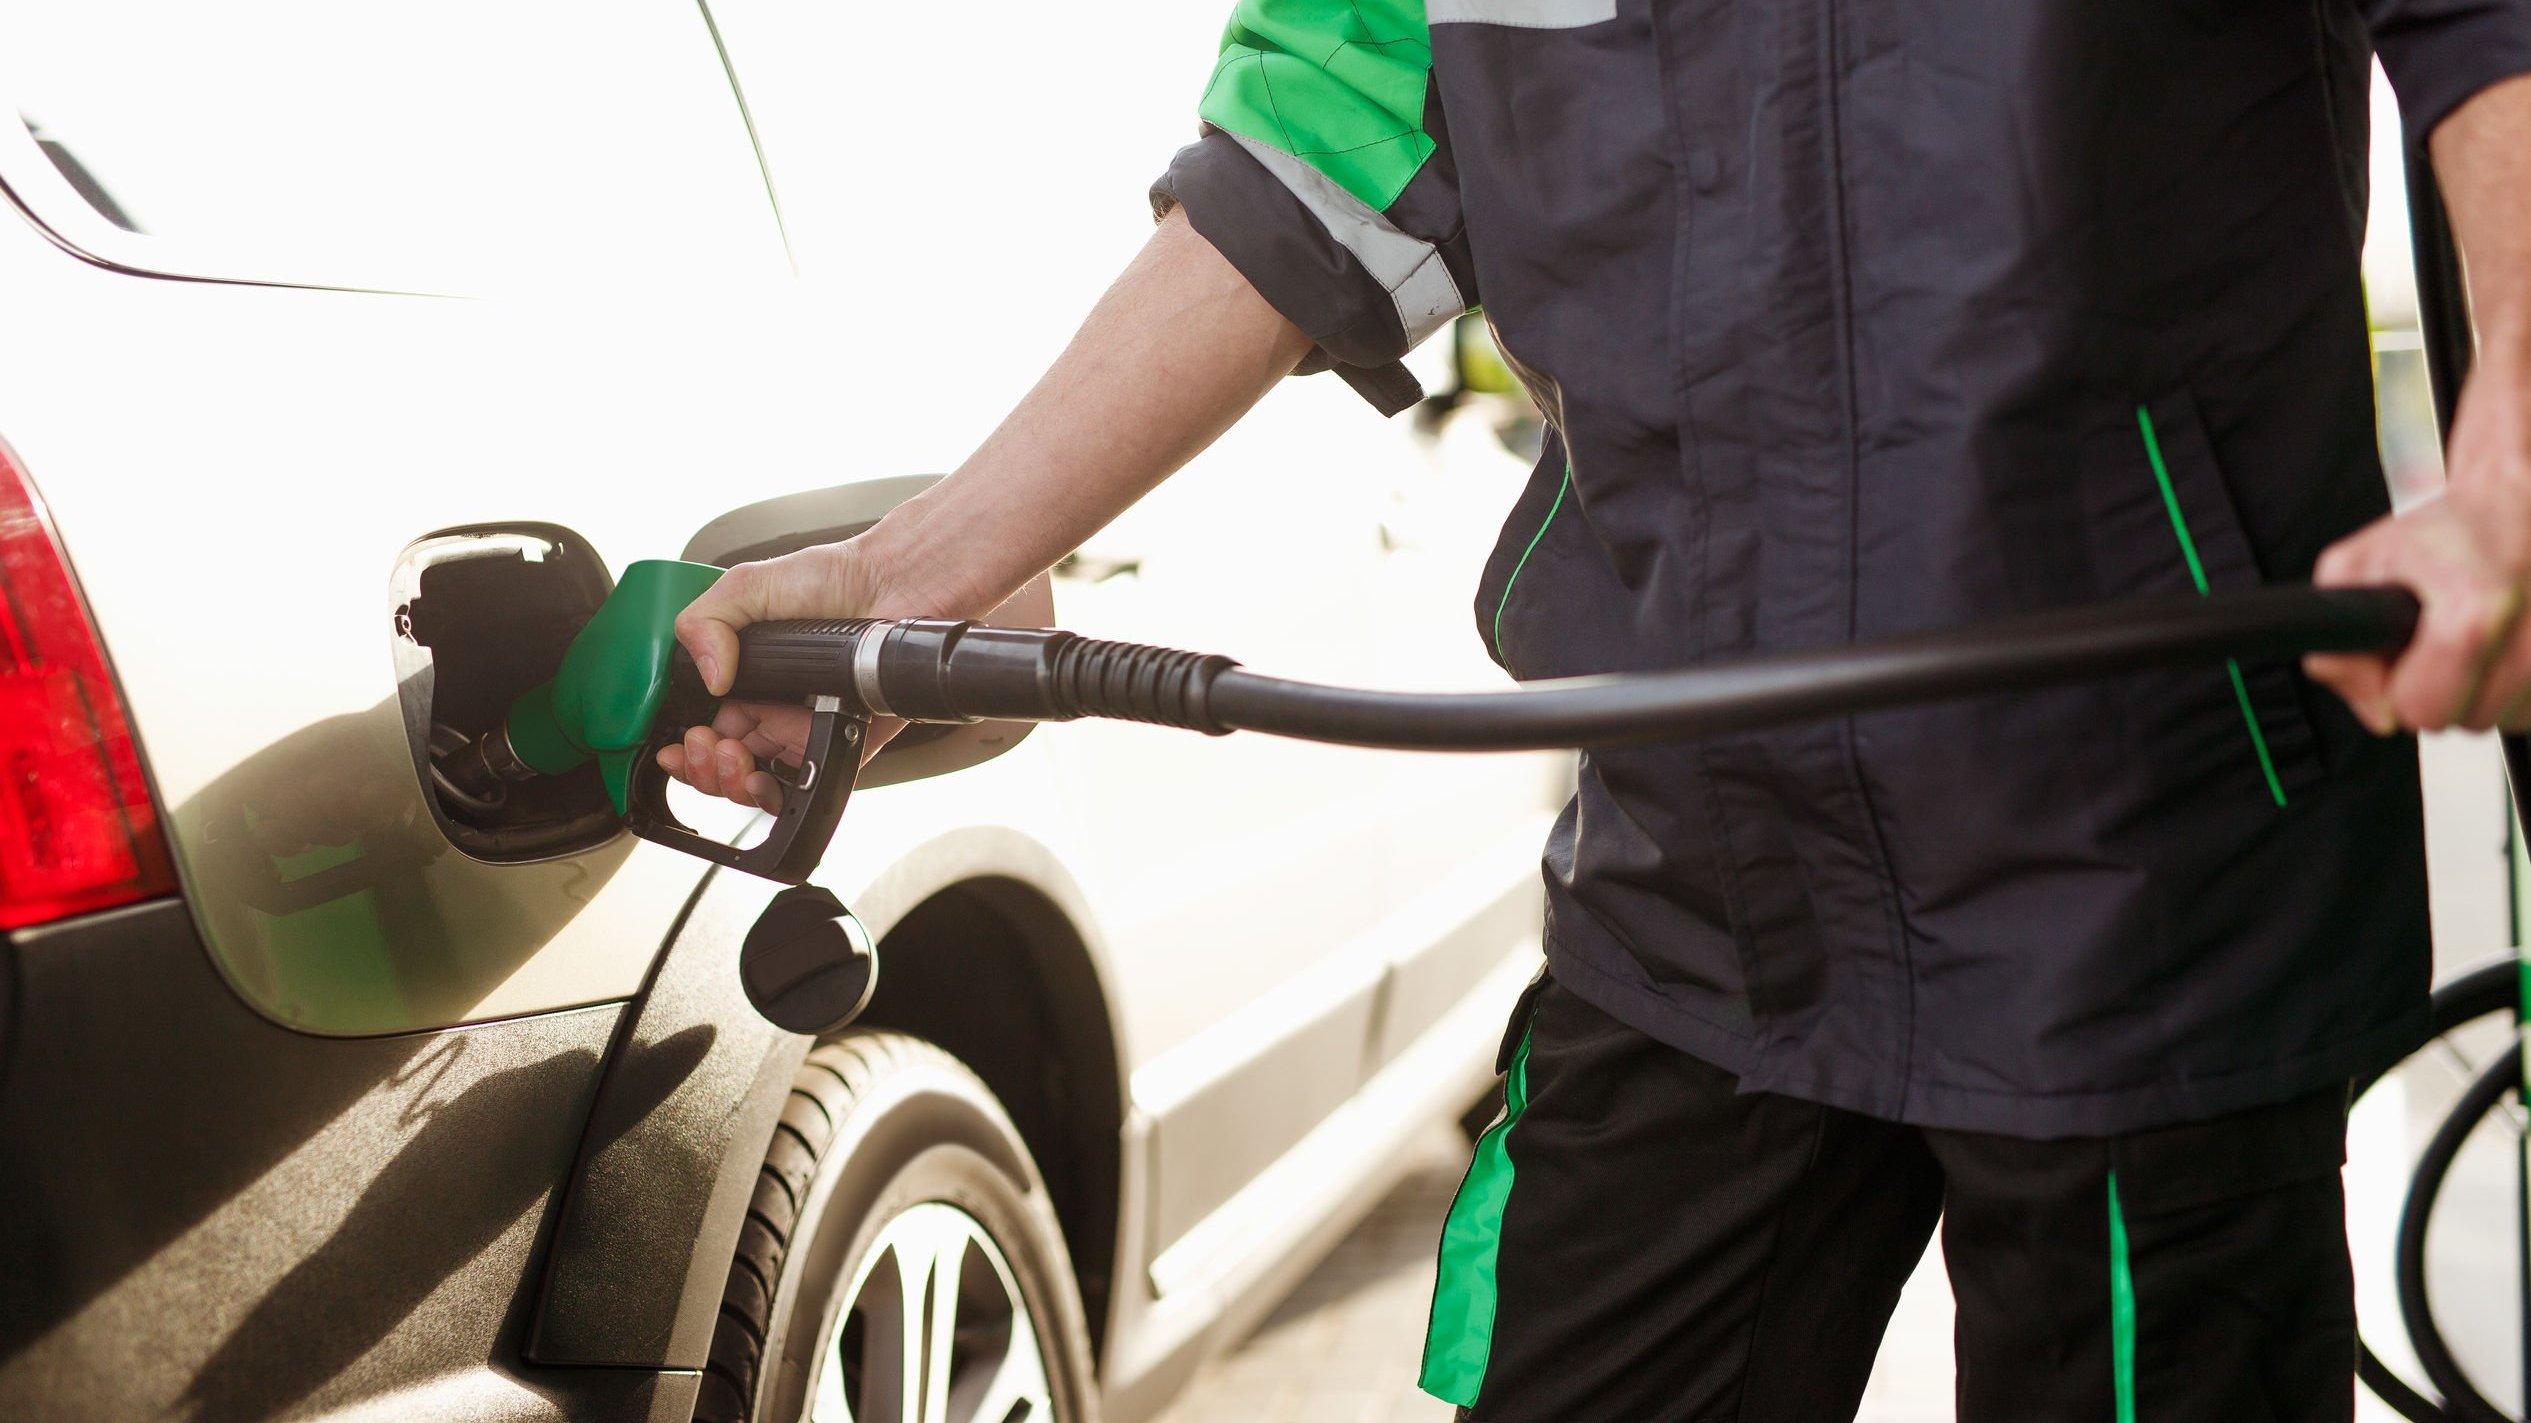 Frentista de posto de gasolina, colocando gasolina em carro.